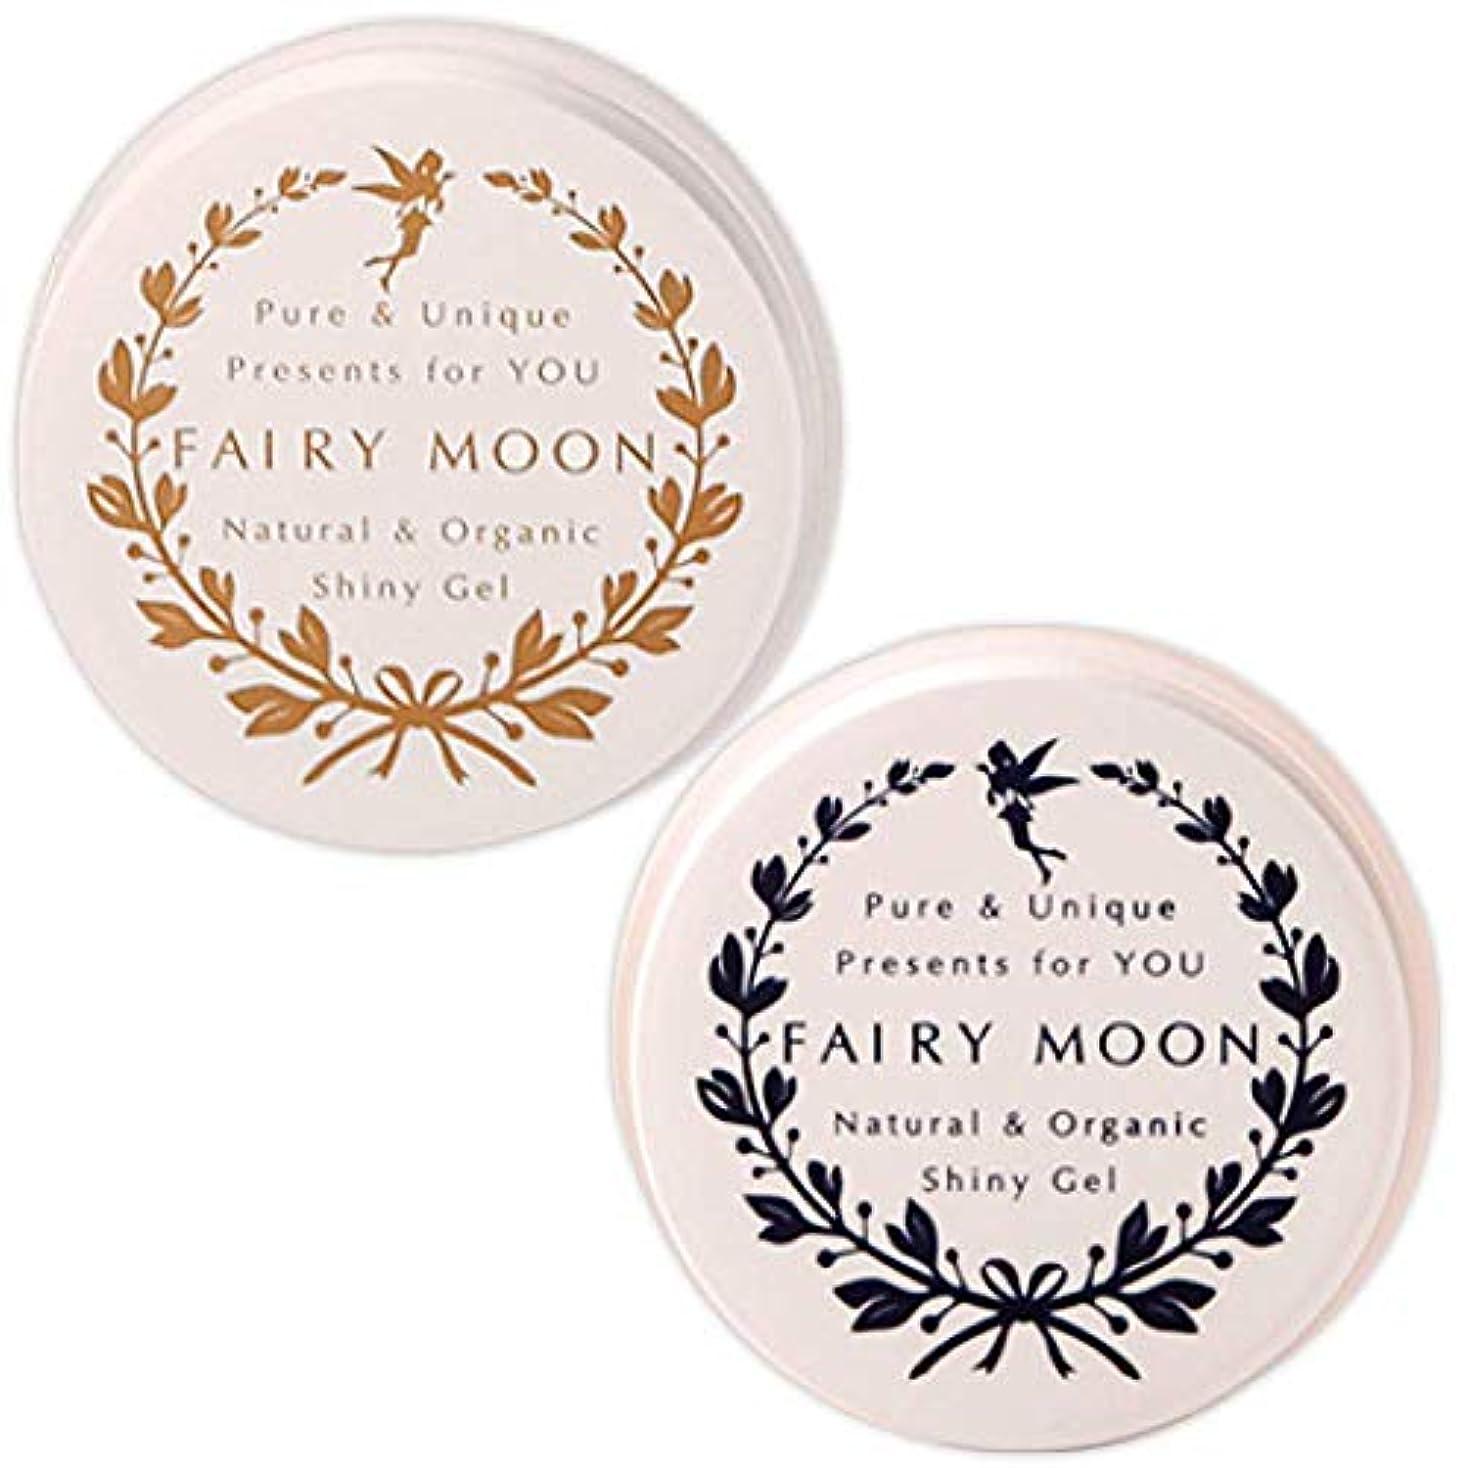 晩餐ビデオ彼らは【公式】Fairy Moon:お尻のためだけに作られた専用美容ジェル。夏までにつるピカキレイに!その悩みもう大丈夫?今雑誌で話題のヒップケア?ノーベル賞受賞成分高配合?皆様に愛されて16万個突破。 (1)